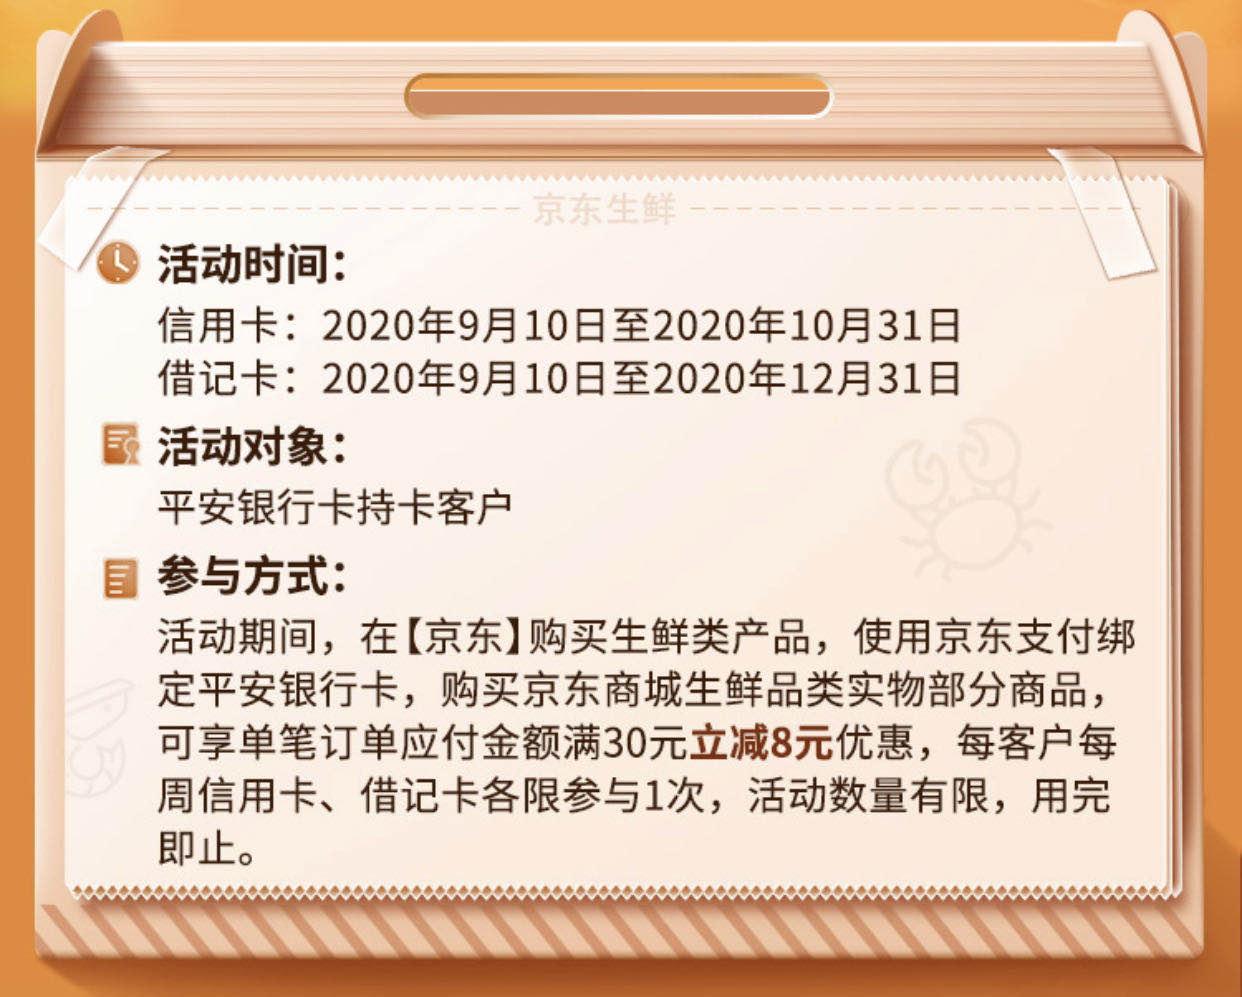 2020年9月14日平安银行信用卡优惠活动推荐